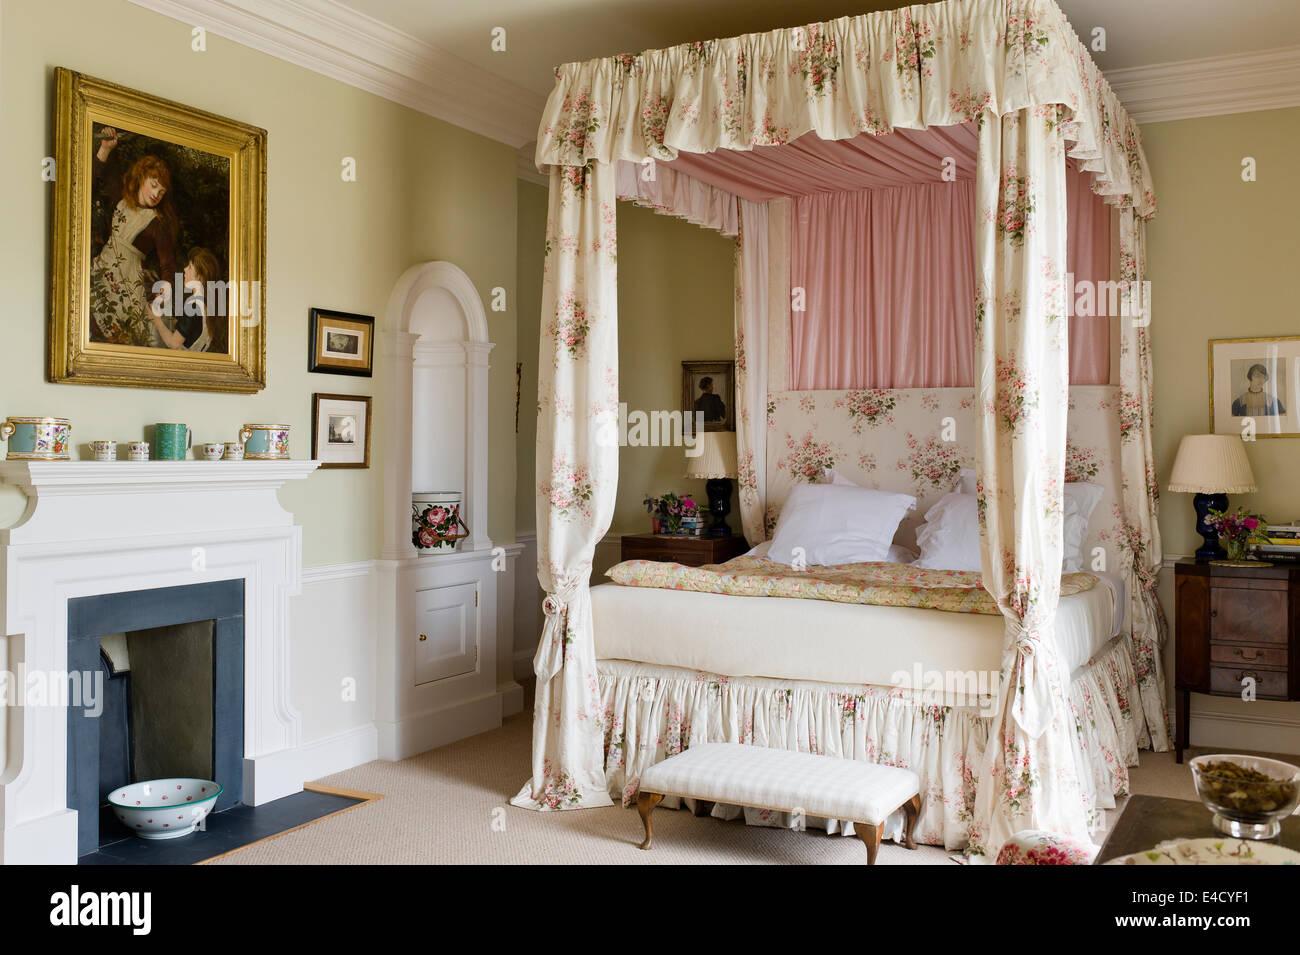 Schlafzimmereinrichtungen Bett Mit Chintz Vorhange In Olivgrun